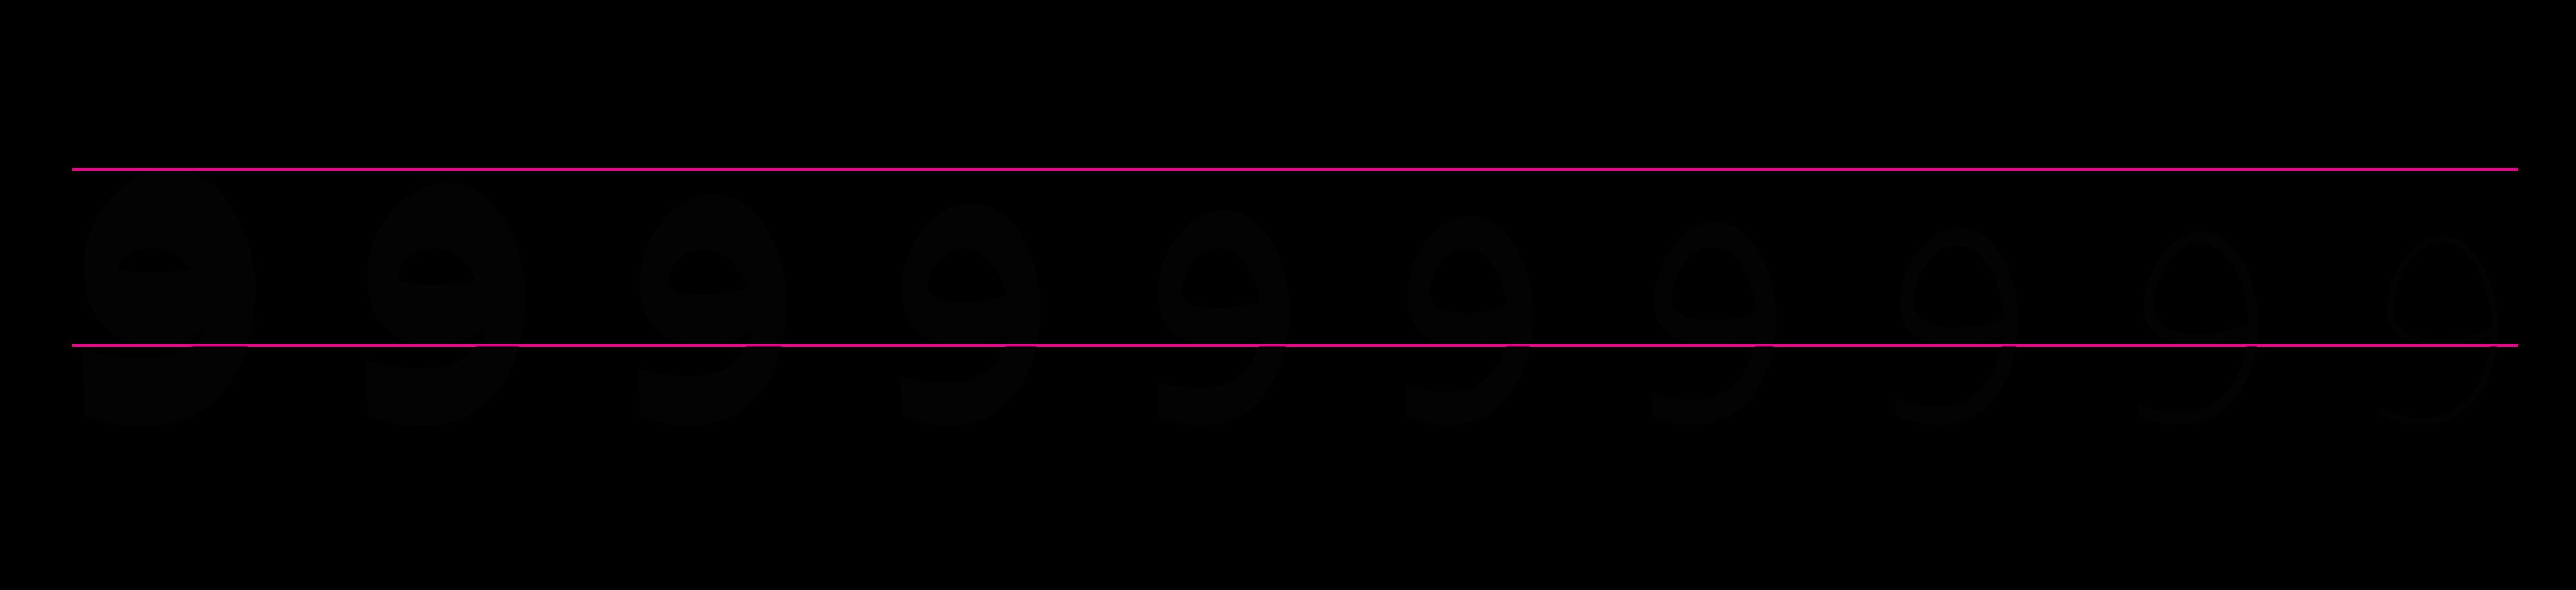 Image 14- GretaArabic-Weights